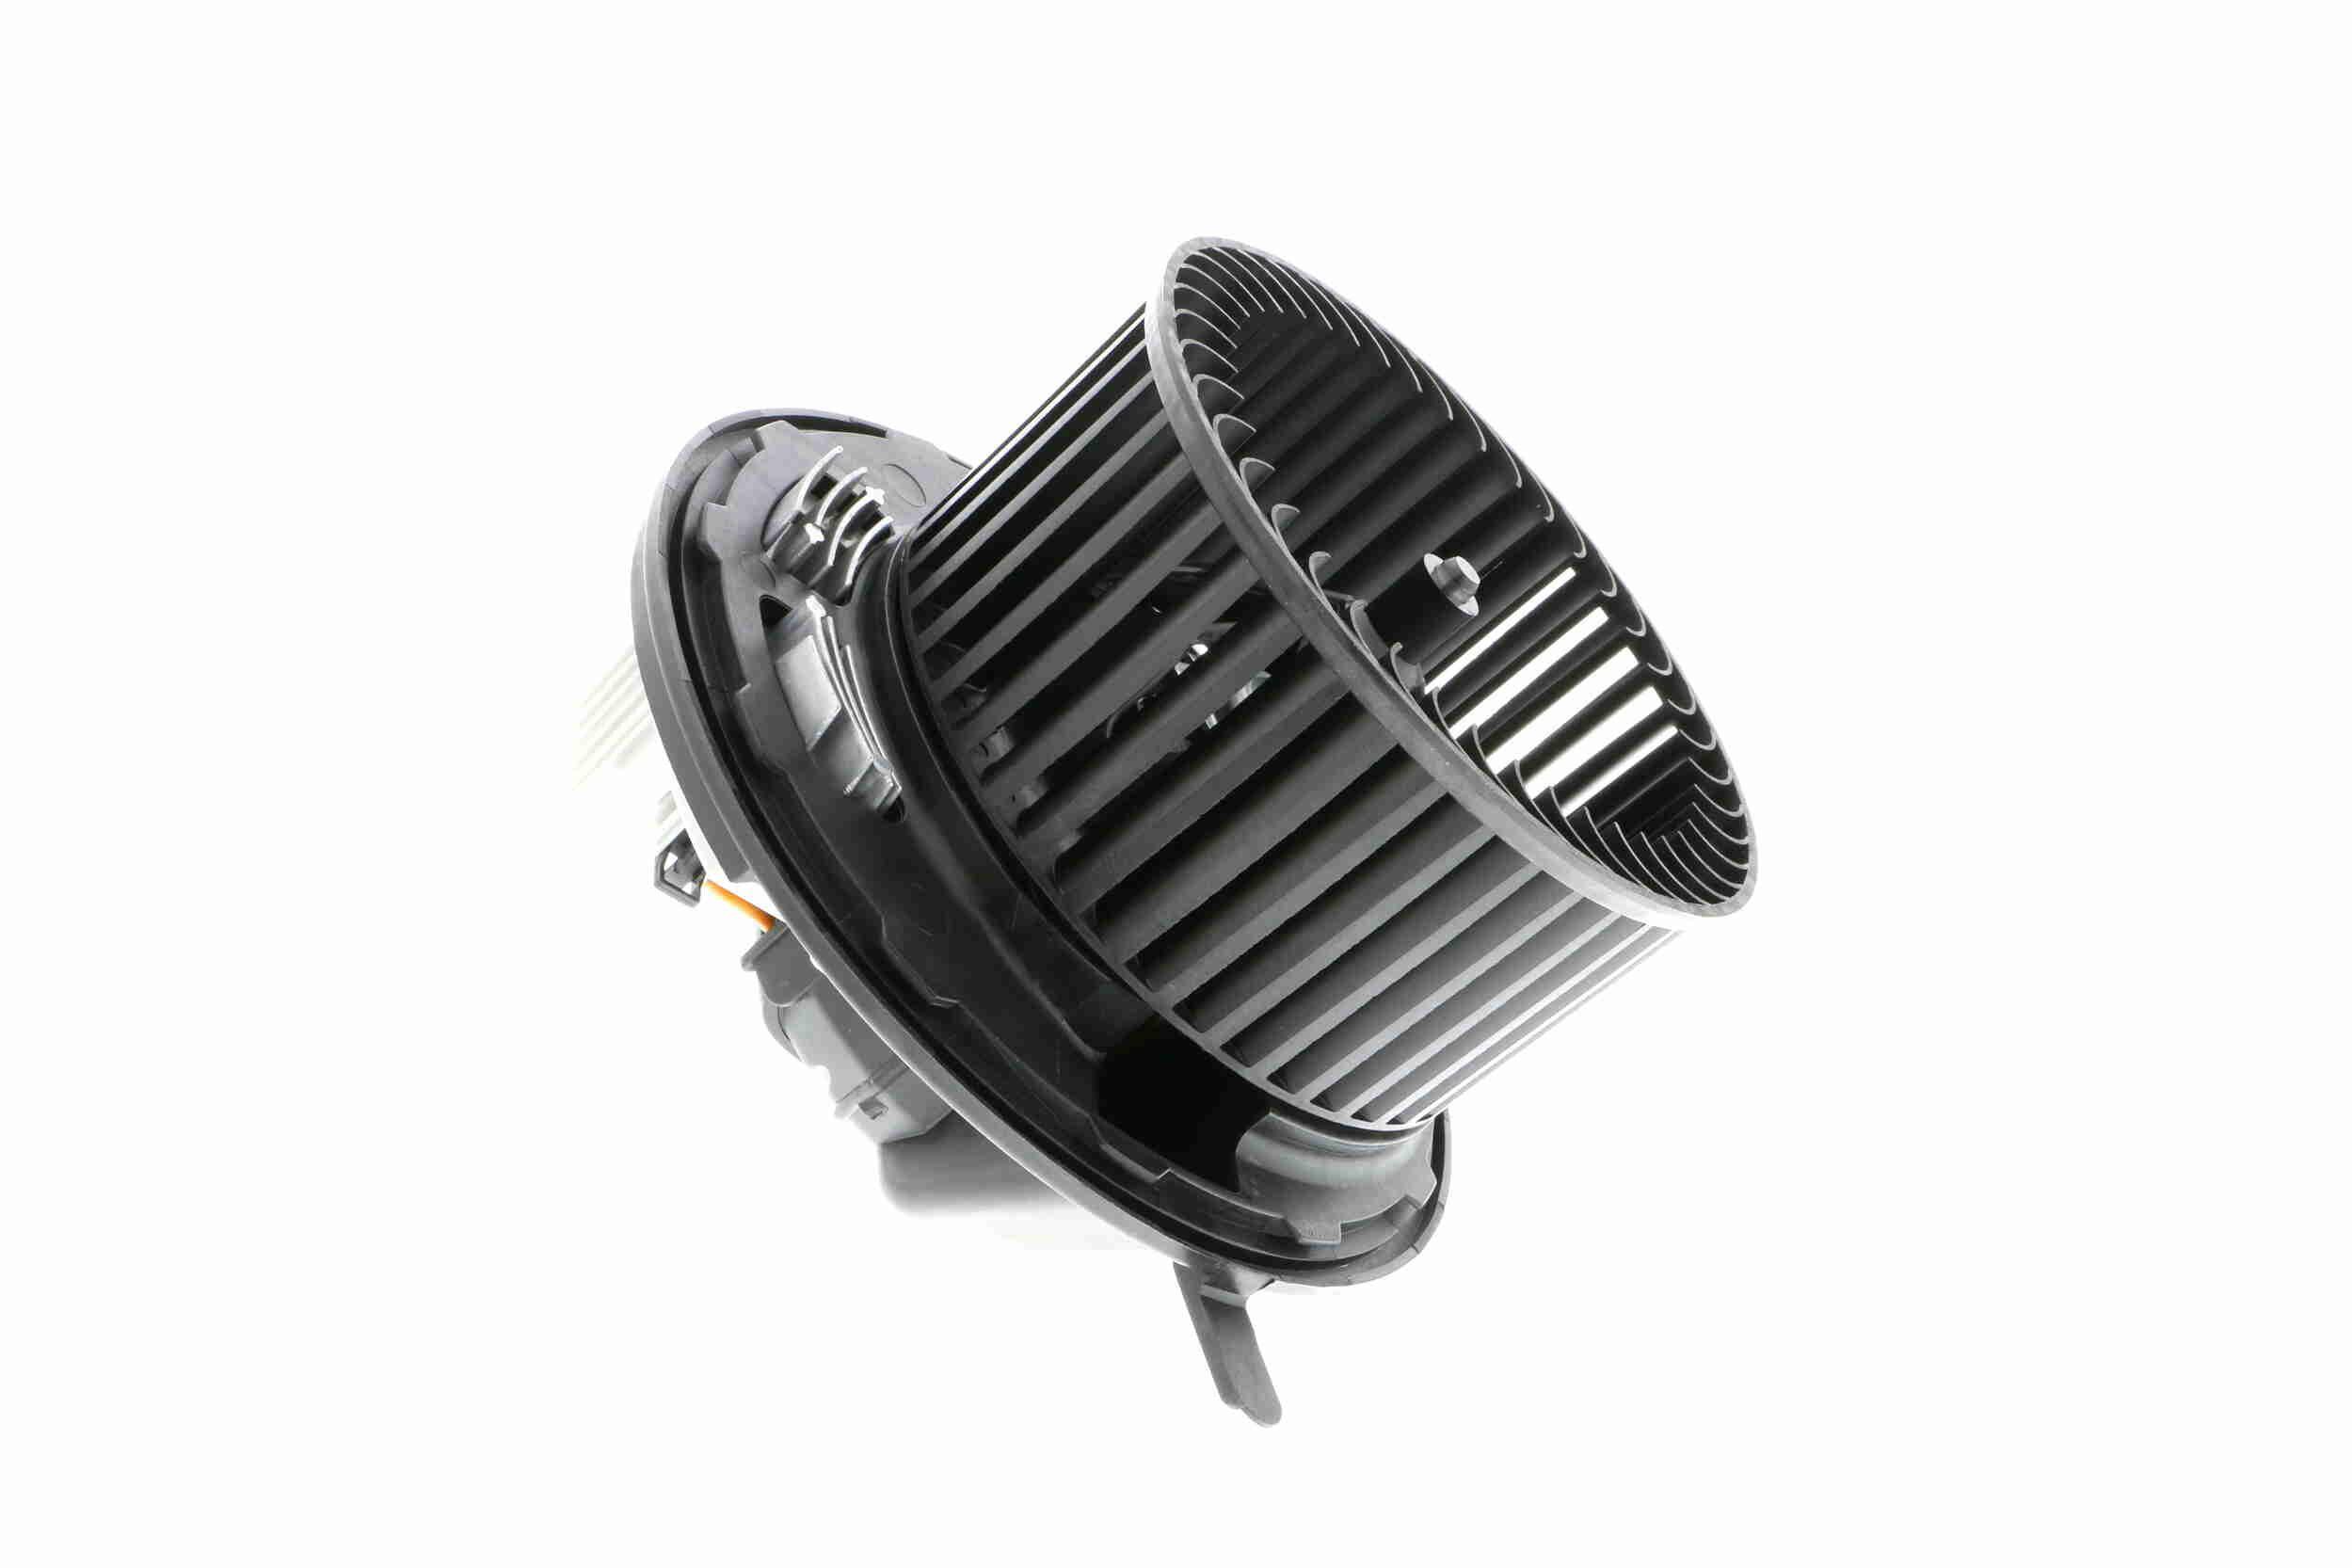 Heizgebläse V20-03-1146 VEMO V20-03-1146 in Original Qualität